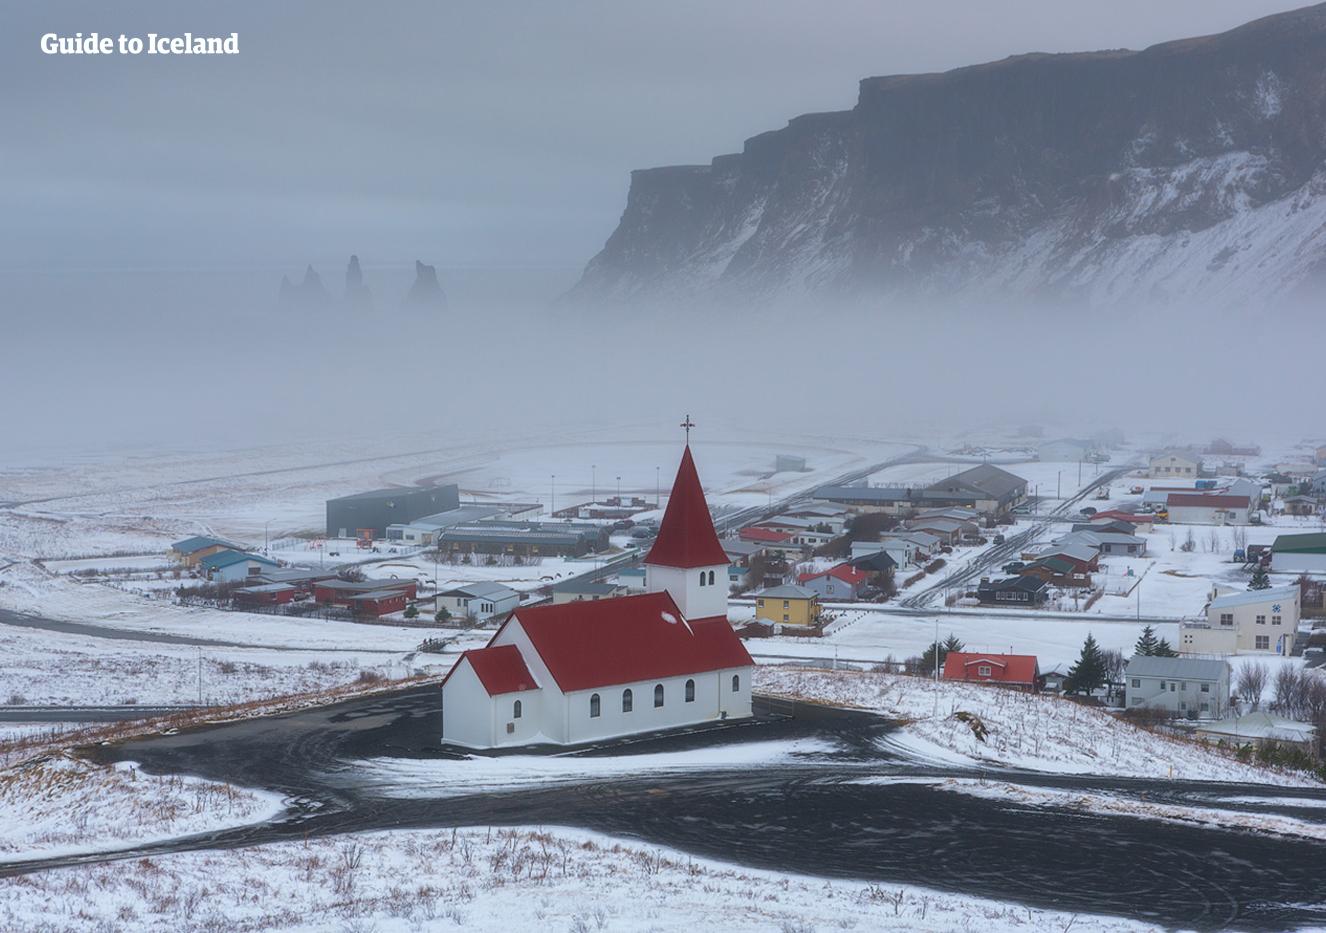 Una nueva capa de nieve pulveriza el pintoresco pueblo de Vík, en la costa sur de Islandia.